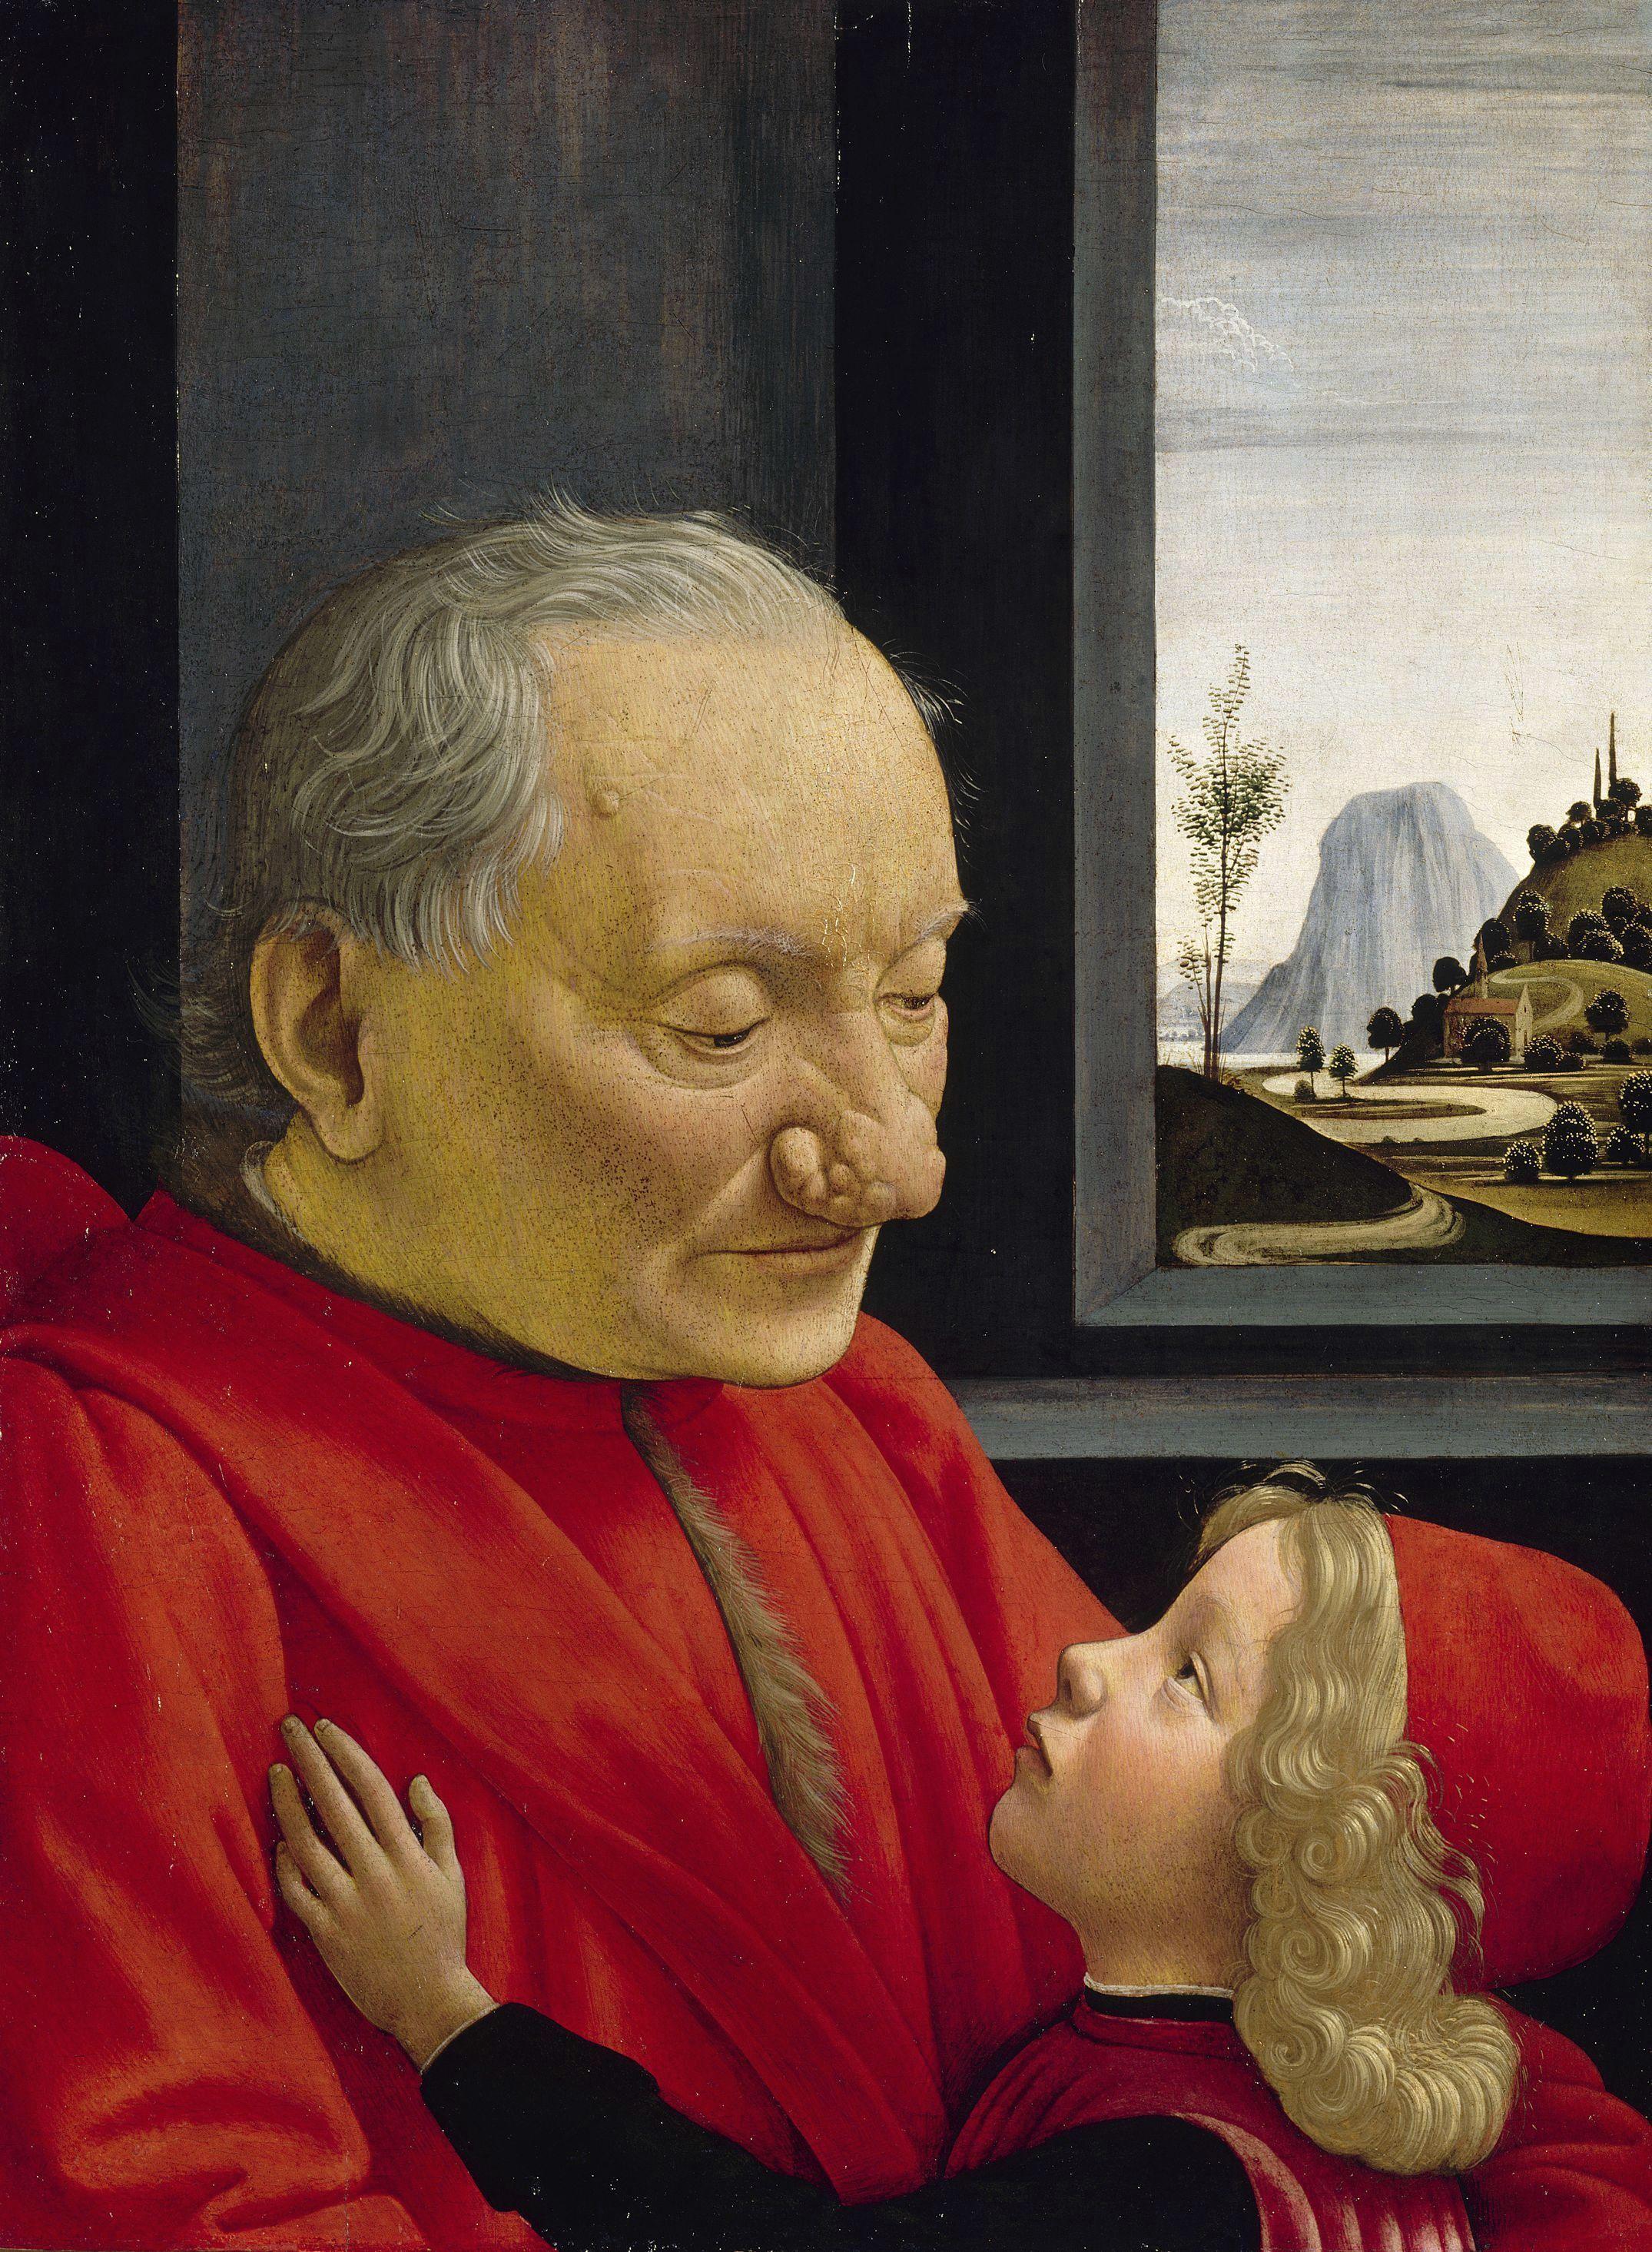 Domenico_ghirlandaio,_ritratto_di_nonno_con_nipote